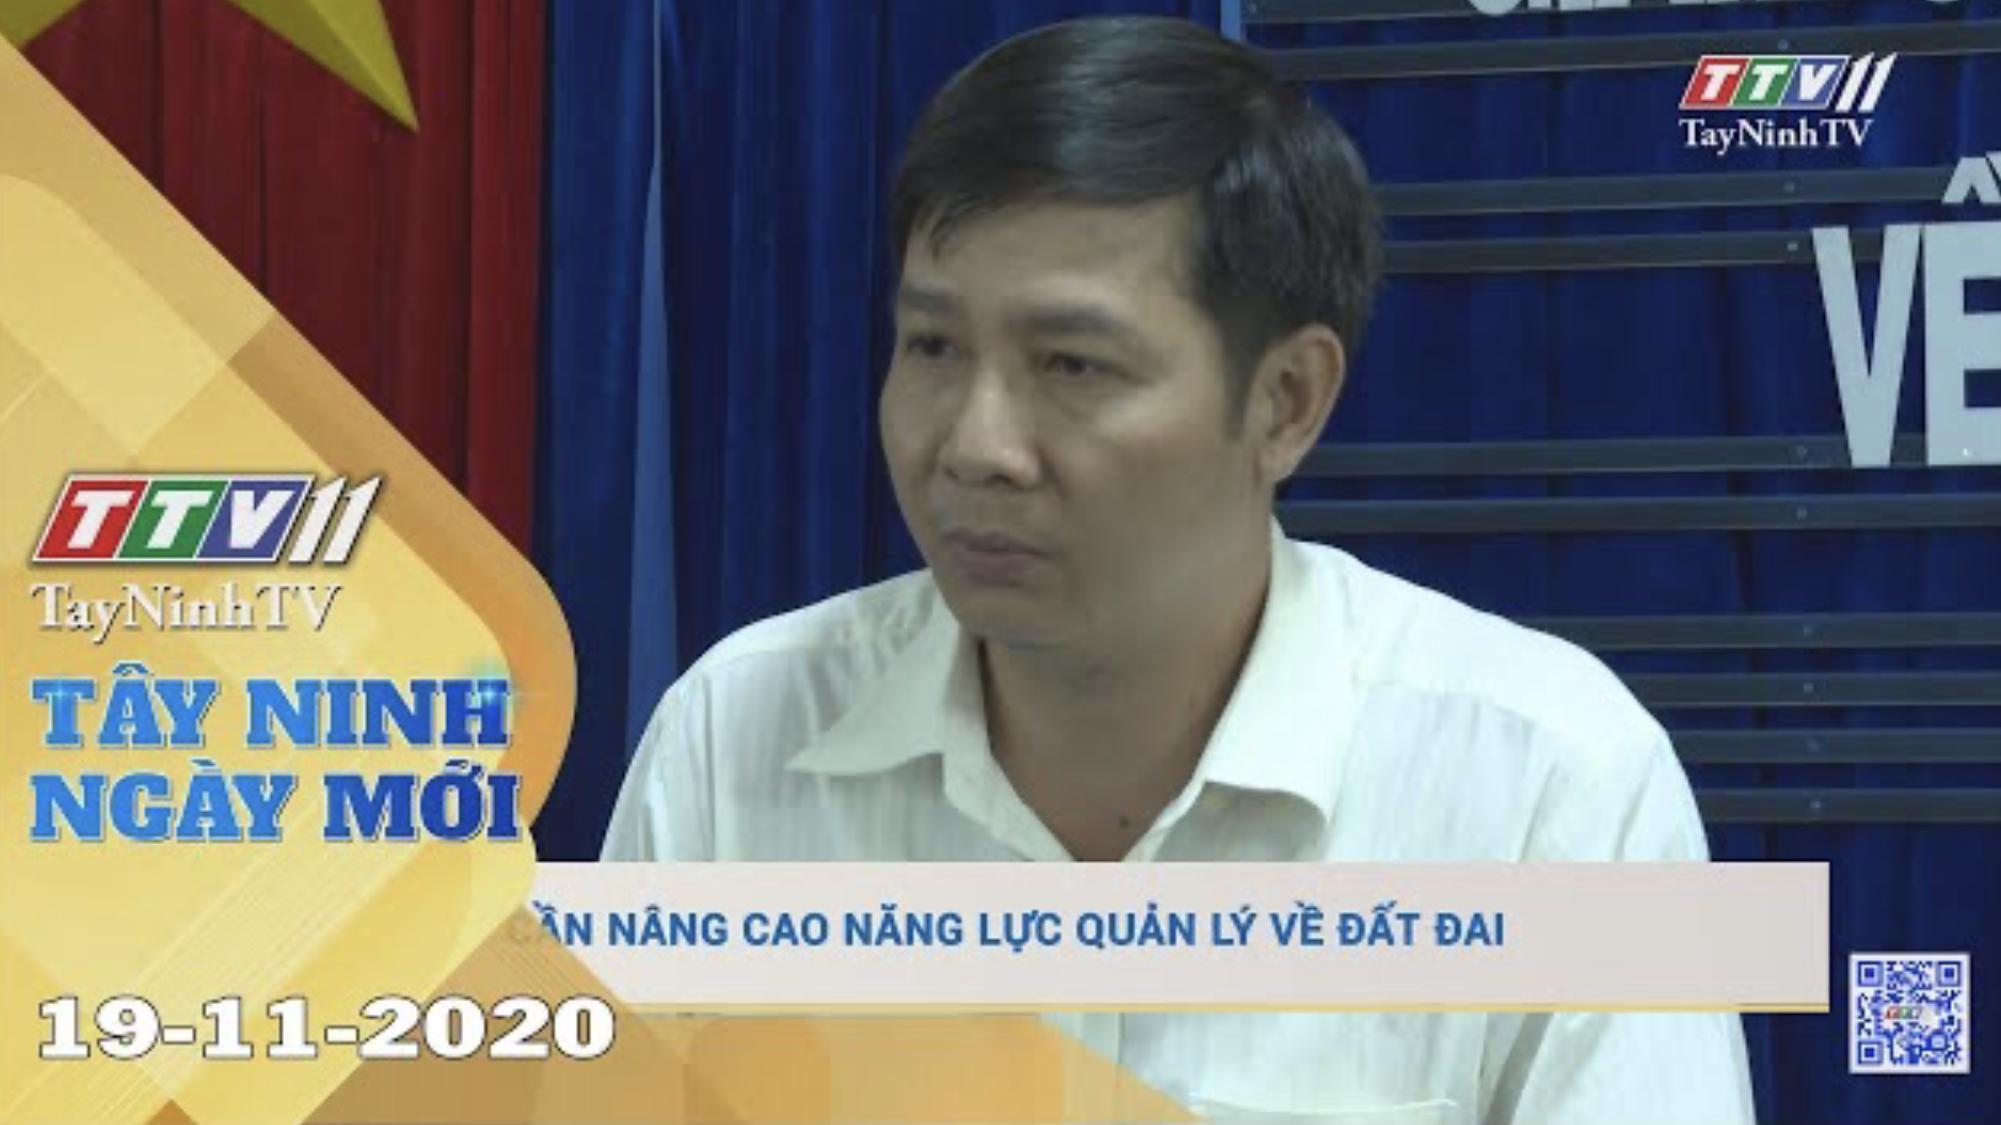 Tây Ninh Ngày Mới 19-11-2020 | Tin tức hôm nay | TayNinhTV